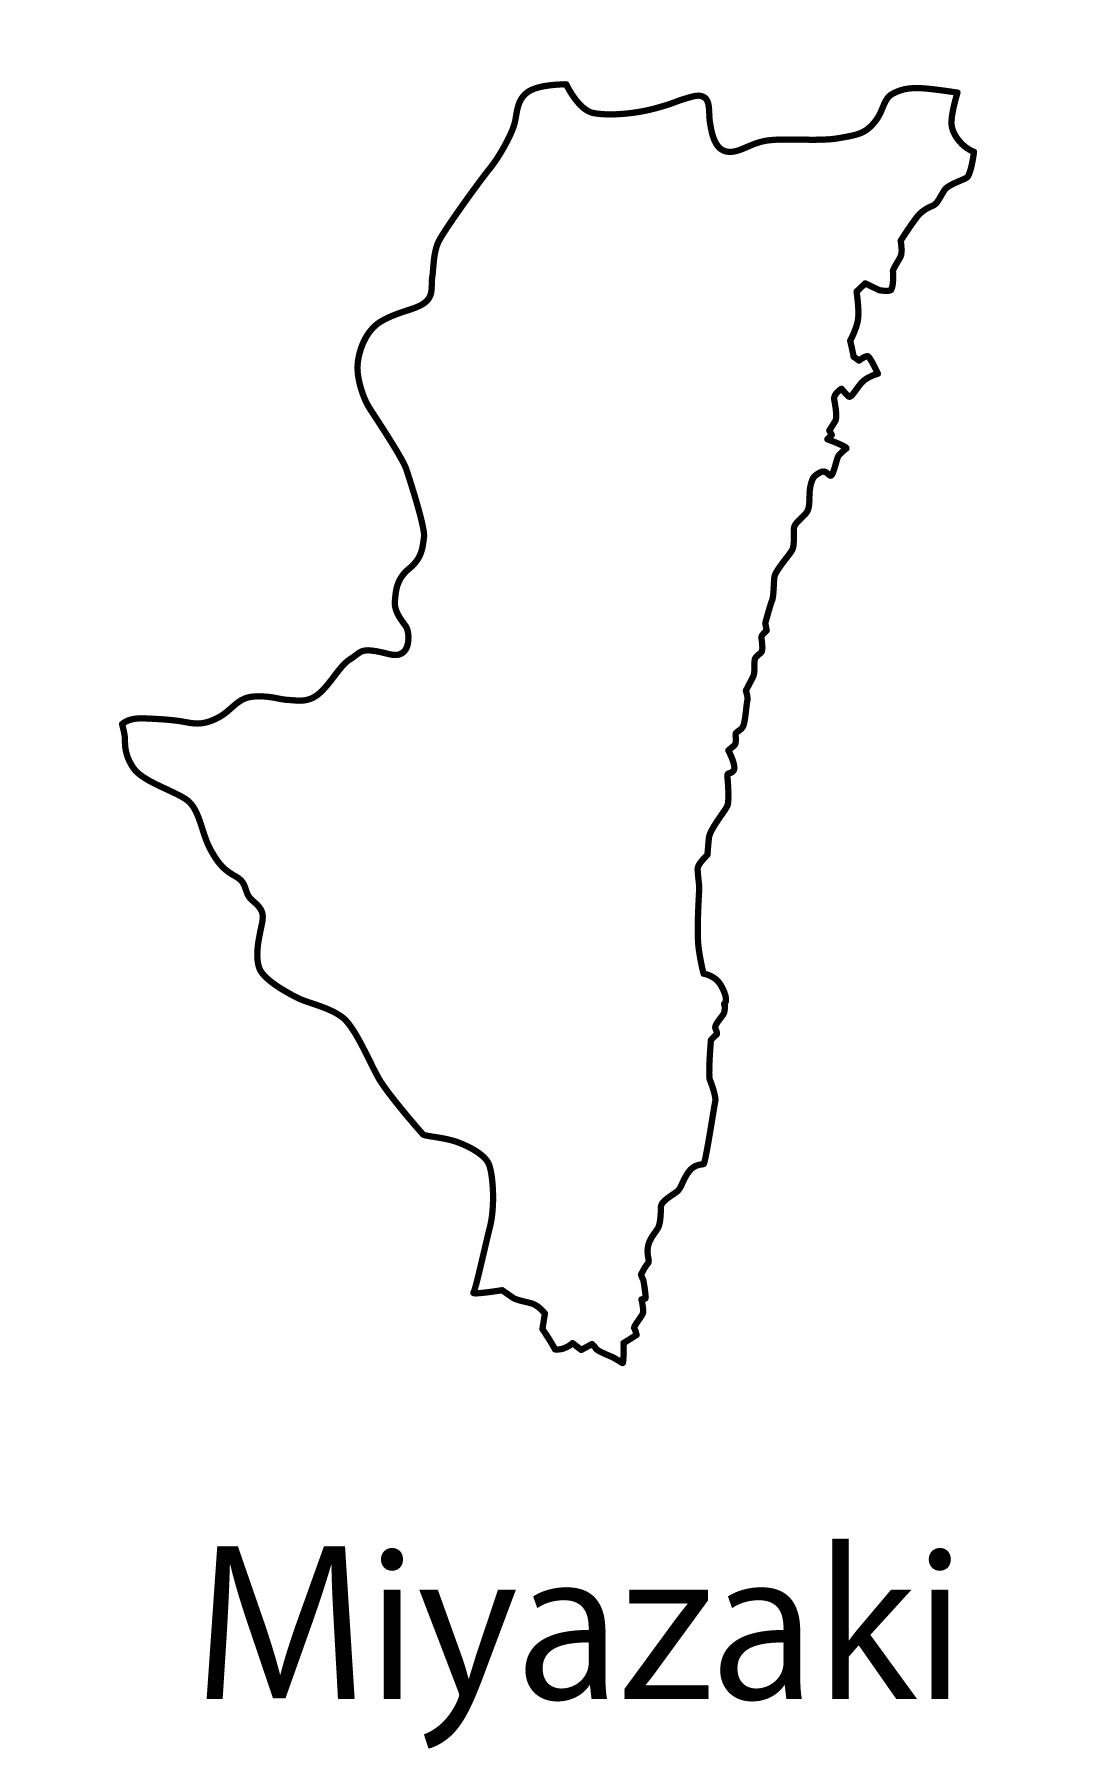 宮崎県無料フリーイラスト|英語・都道府県名あり(白)